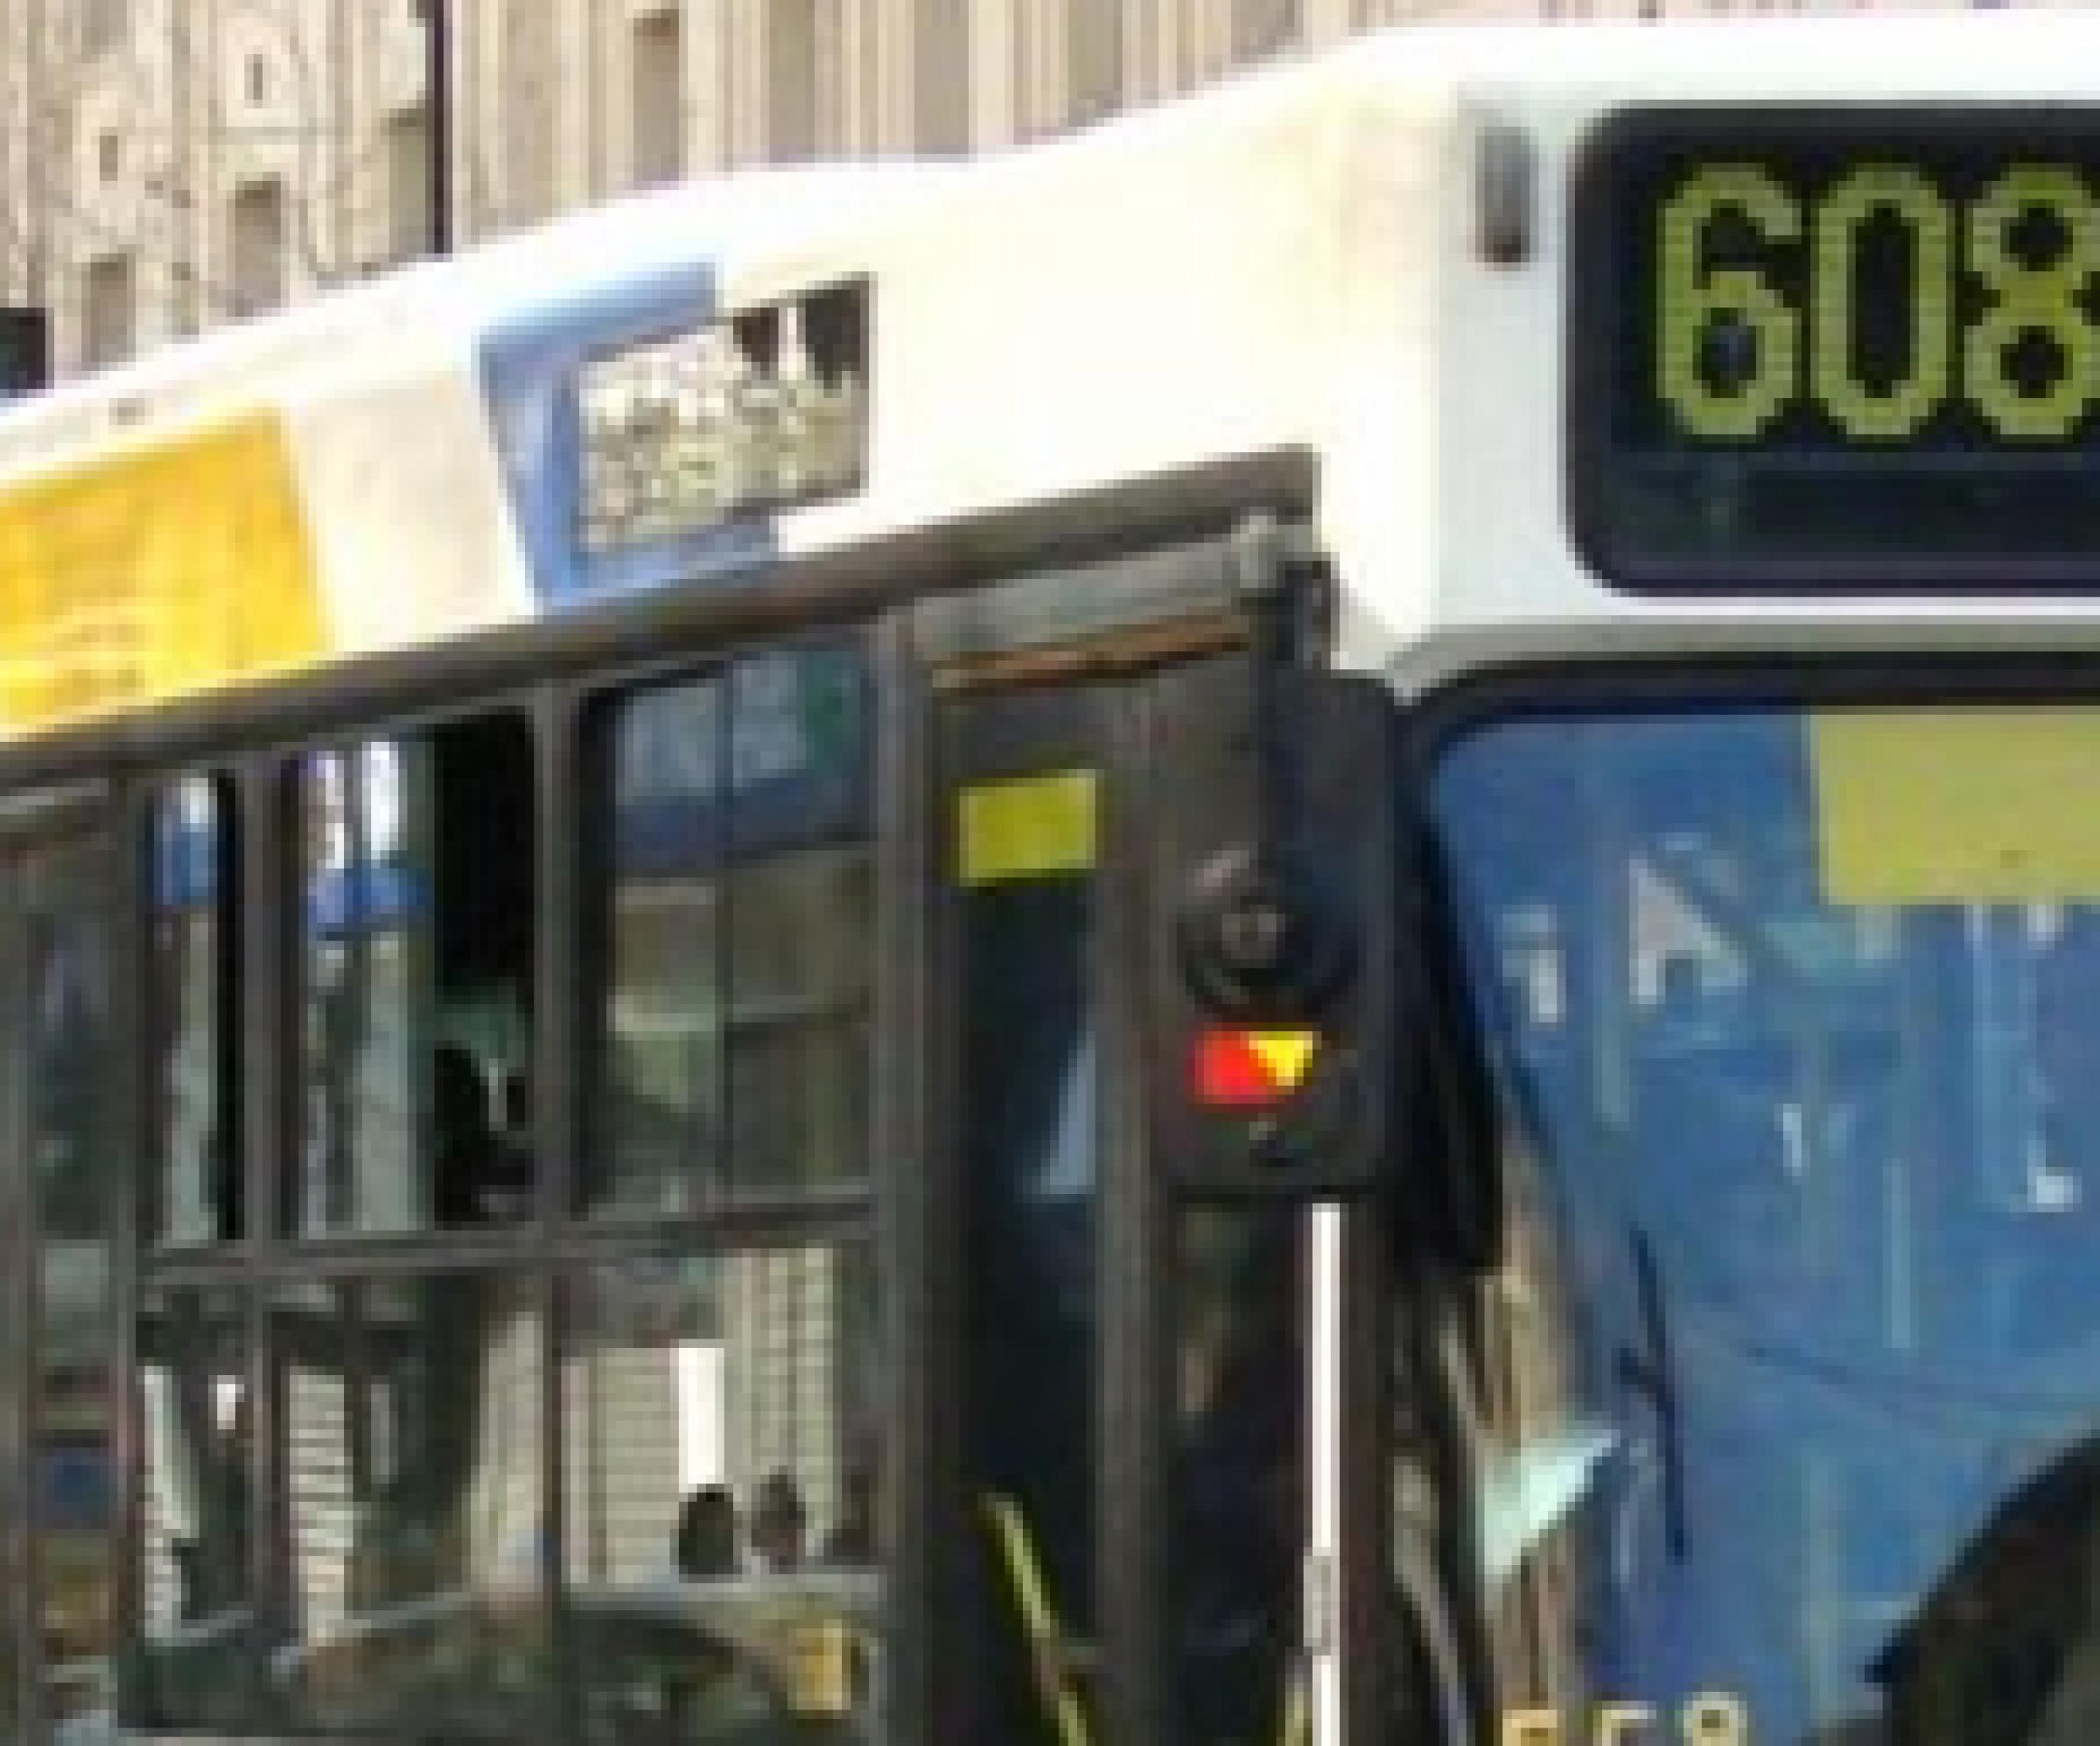 Απαράδεκτη συμπεριφορά οδηγού λεωφορείου! - Eimaimama.gr